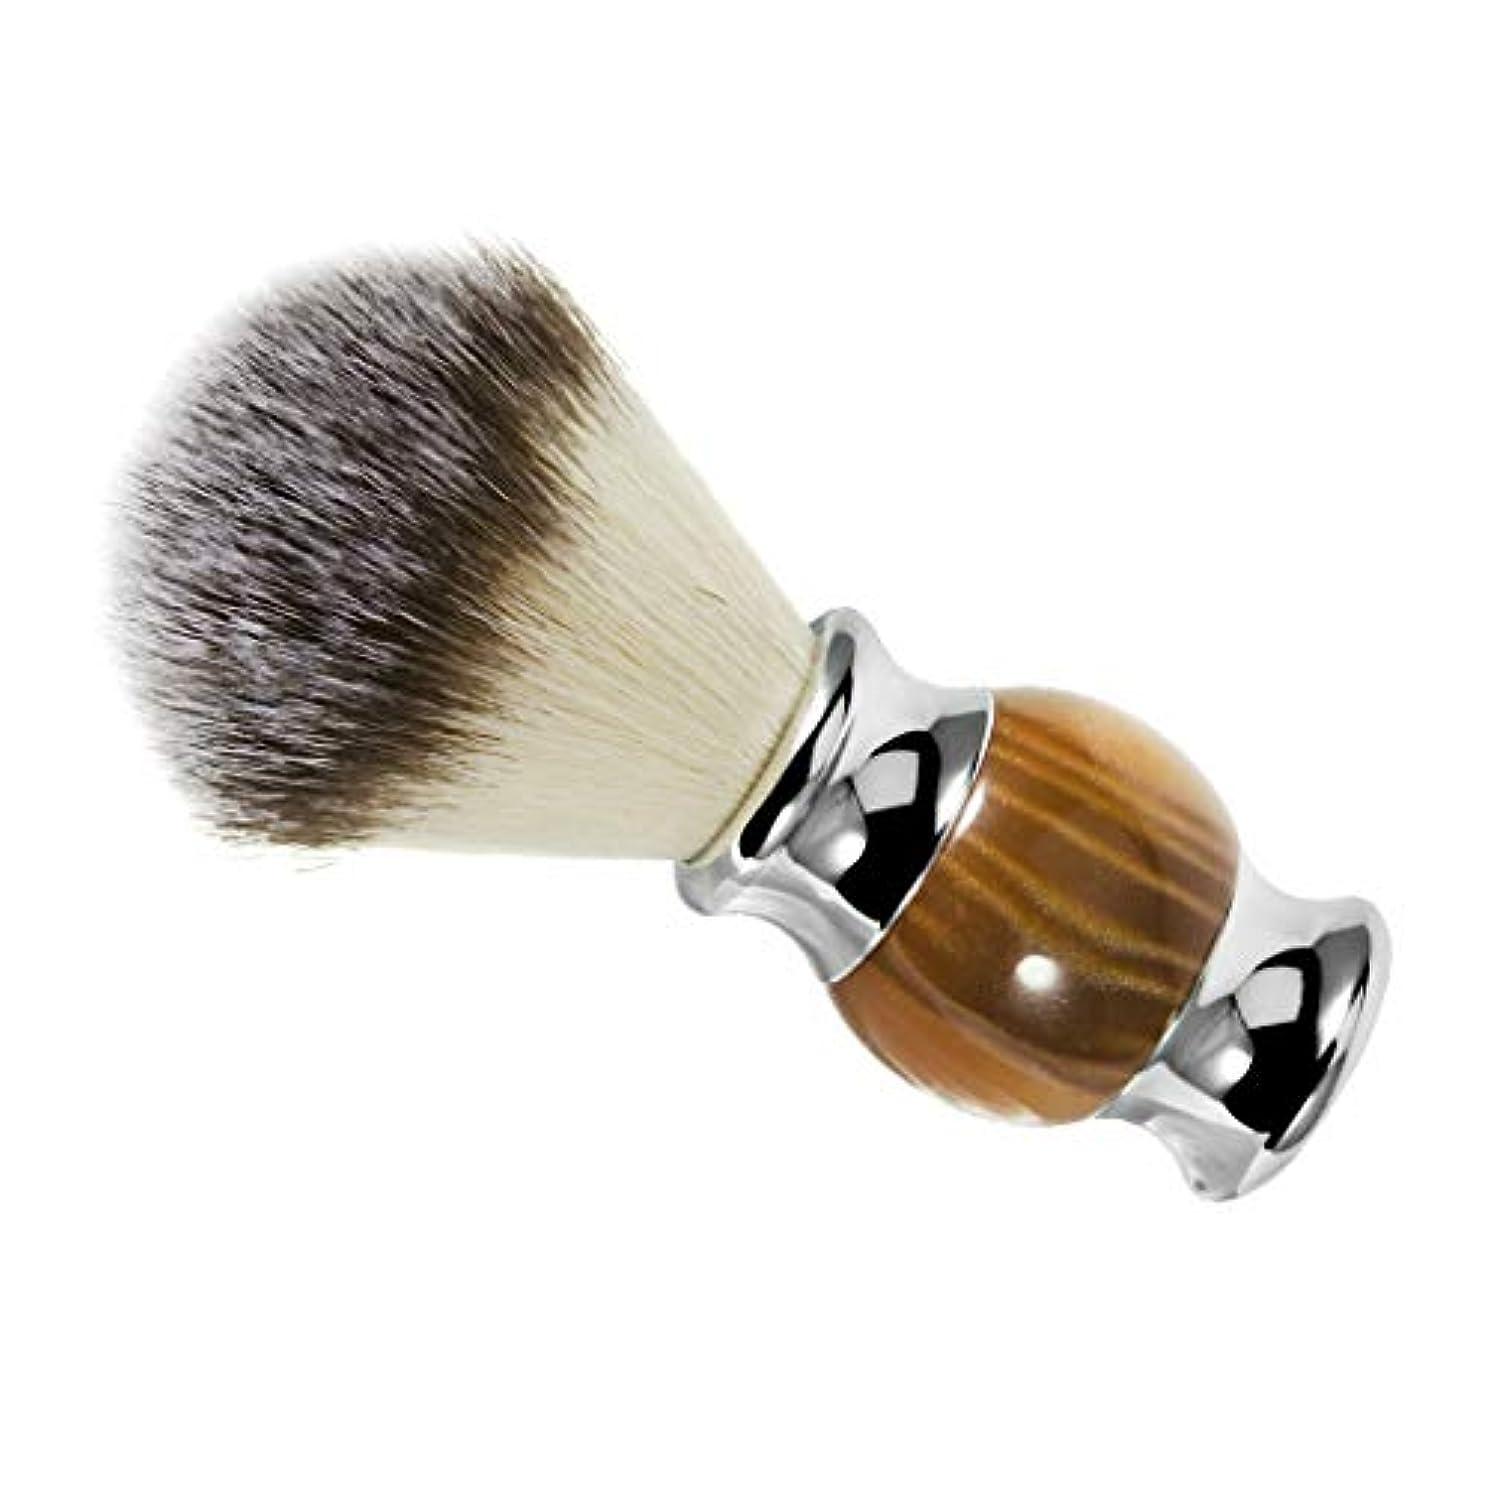 咳洞察力のある長くするシェービングブラシ ひげ剃りブラシ 口ひげブラシ 理髪サロン 髭剃り ひげ剃り 泡立ち